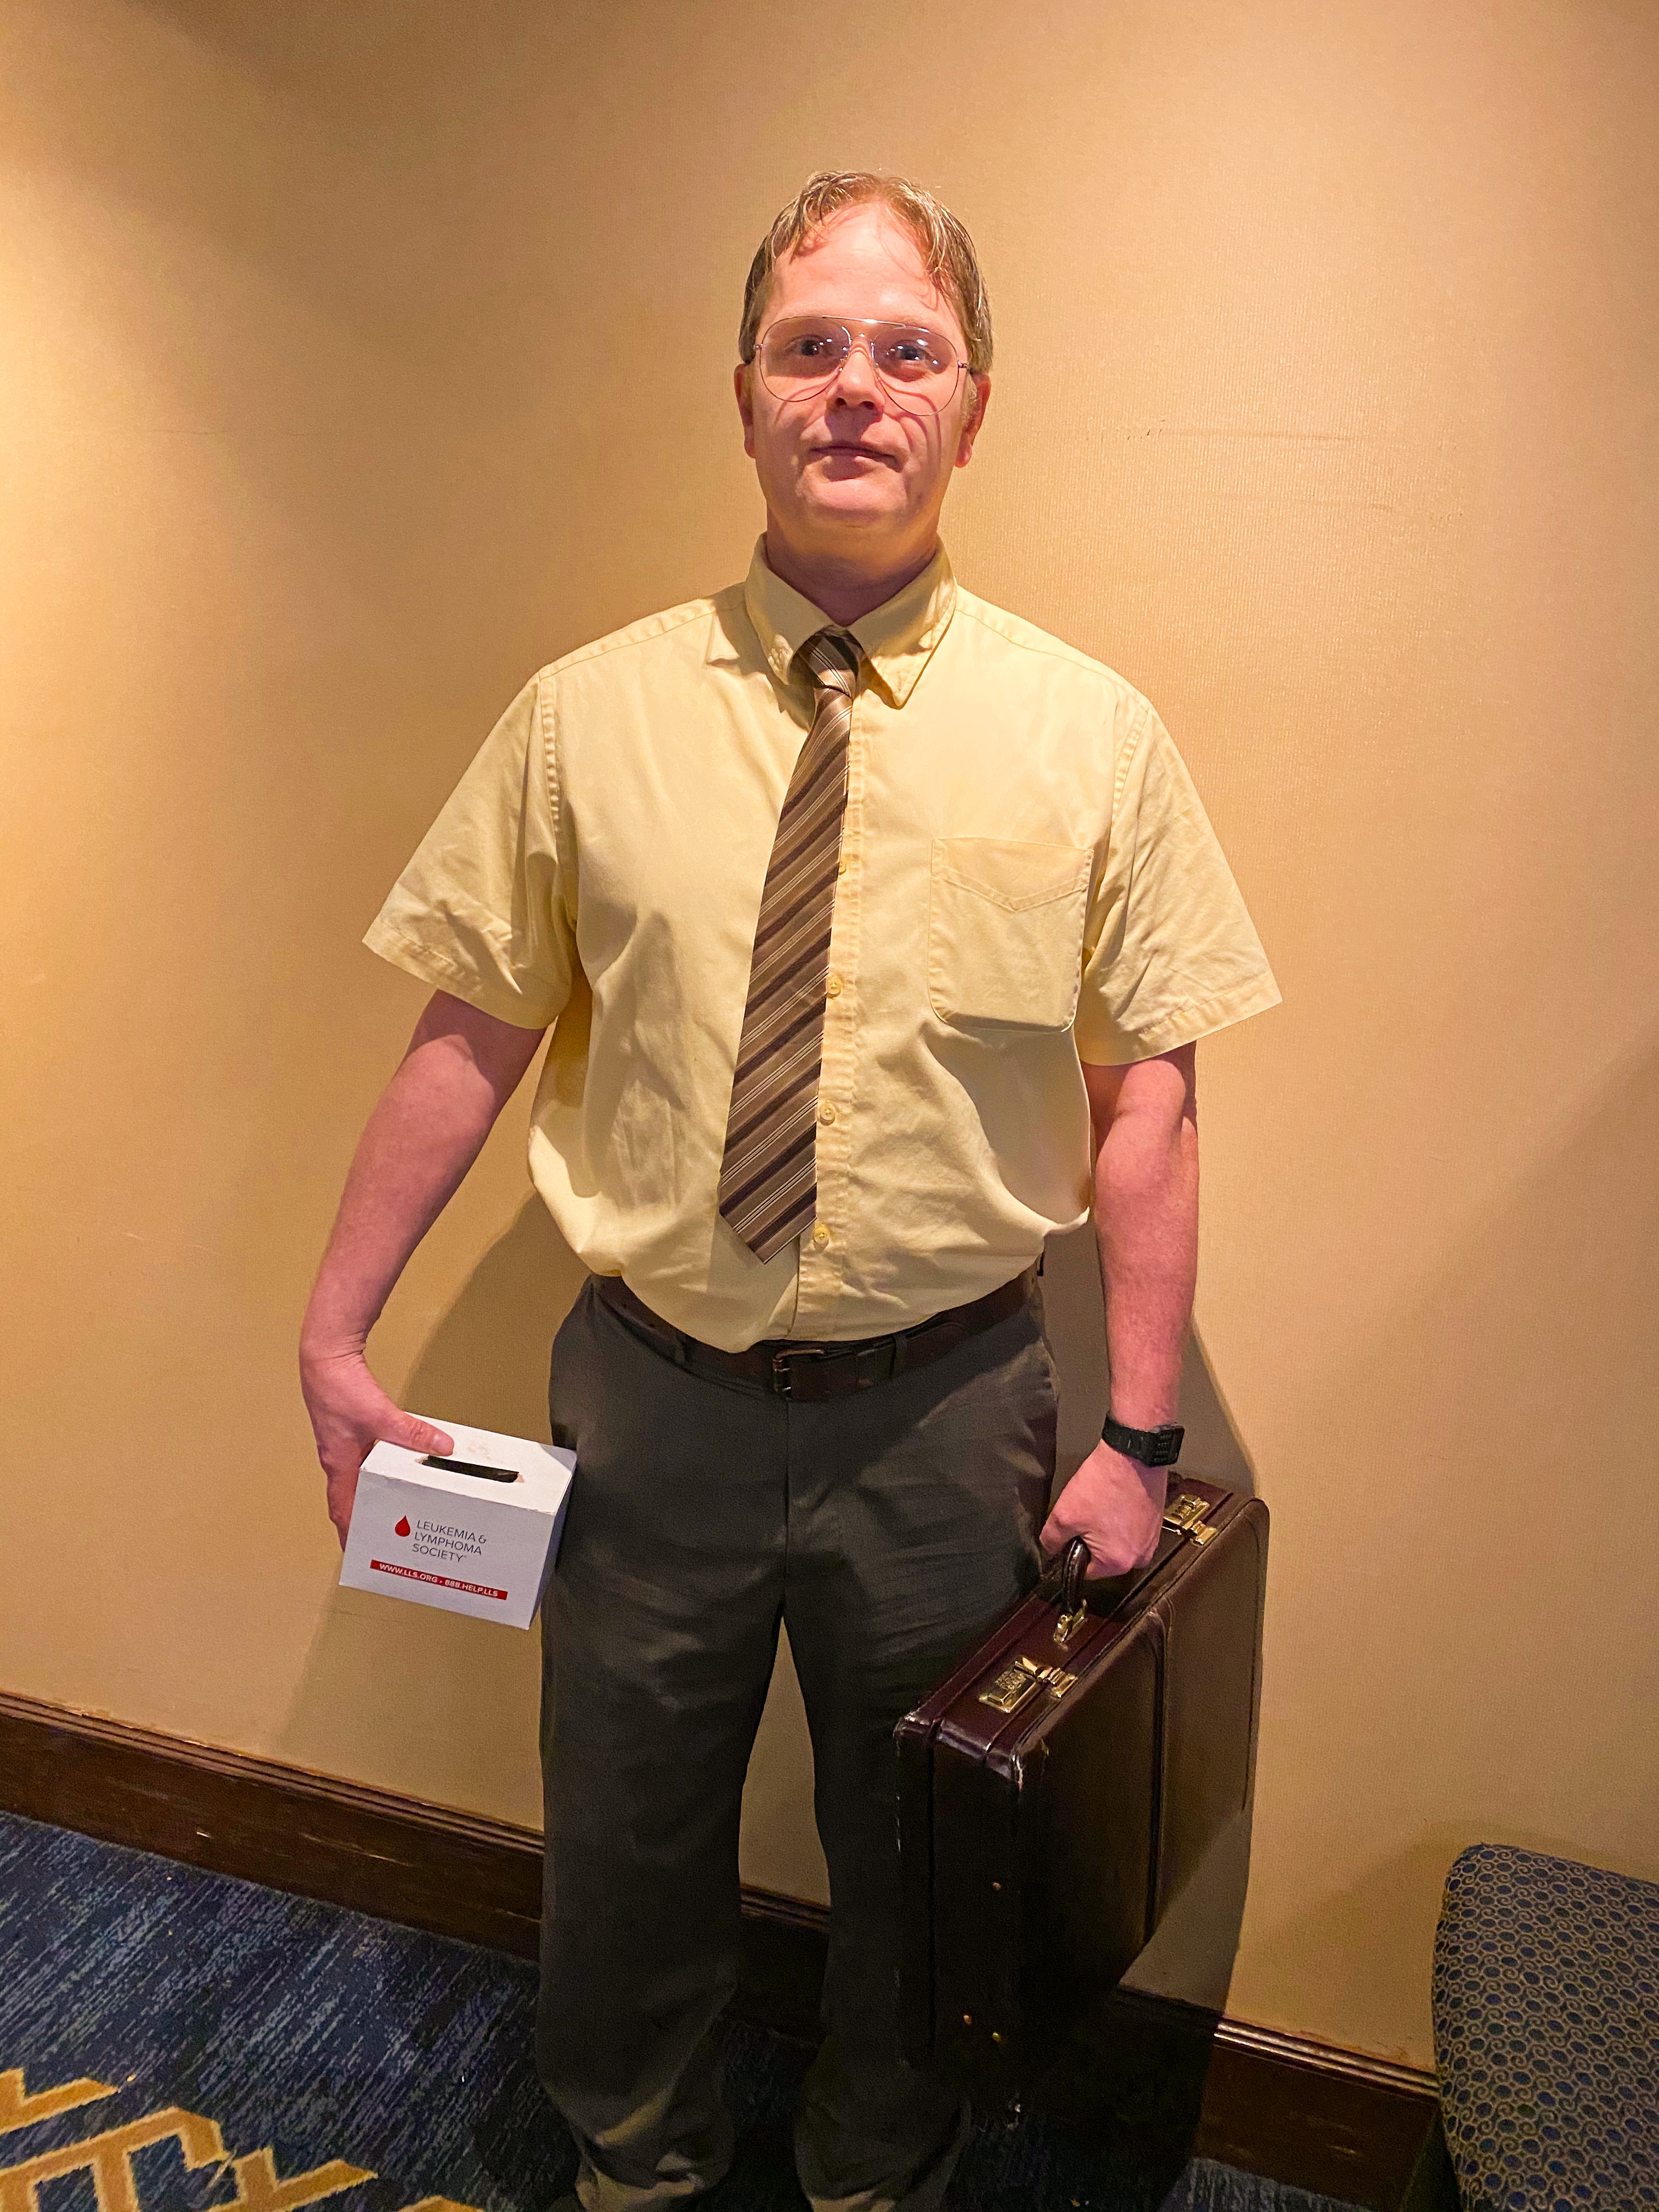 Dwight Schrute.